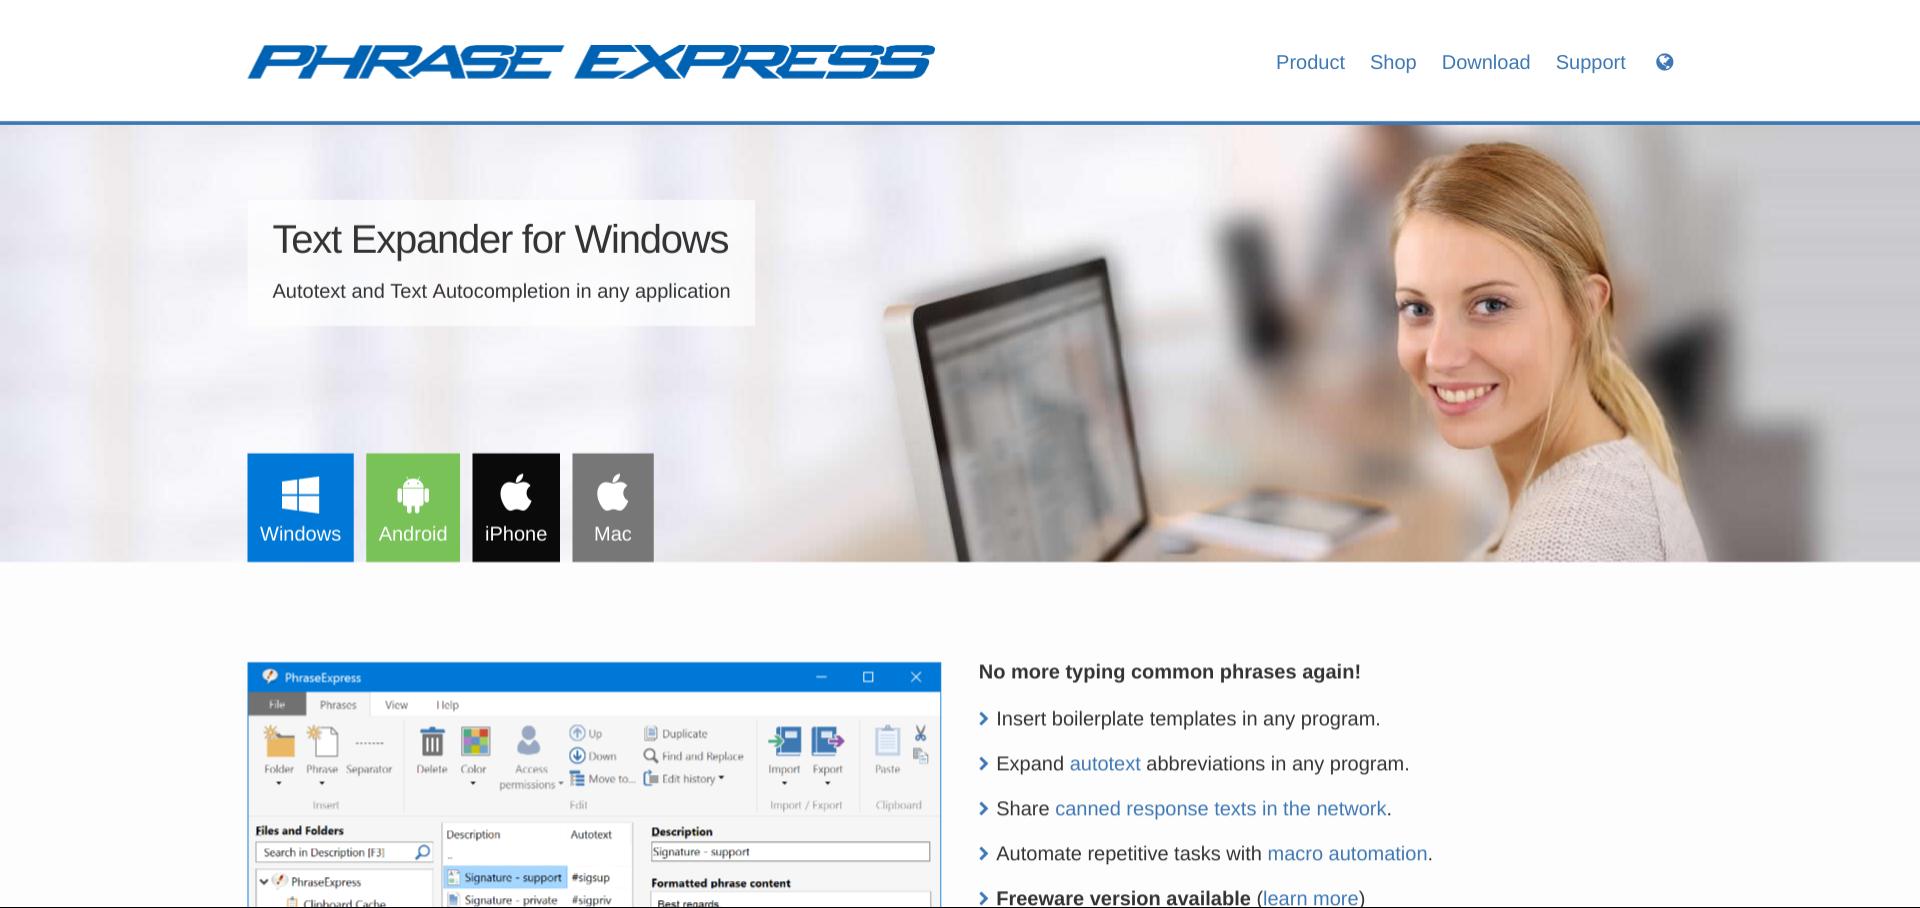 Phrase-Express-0